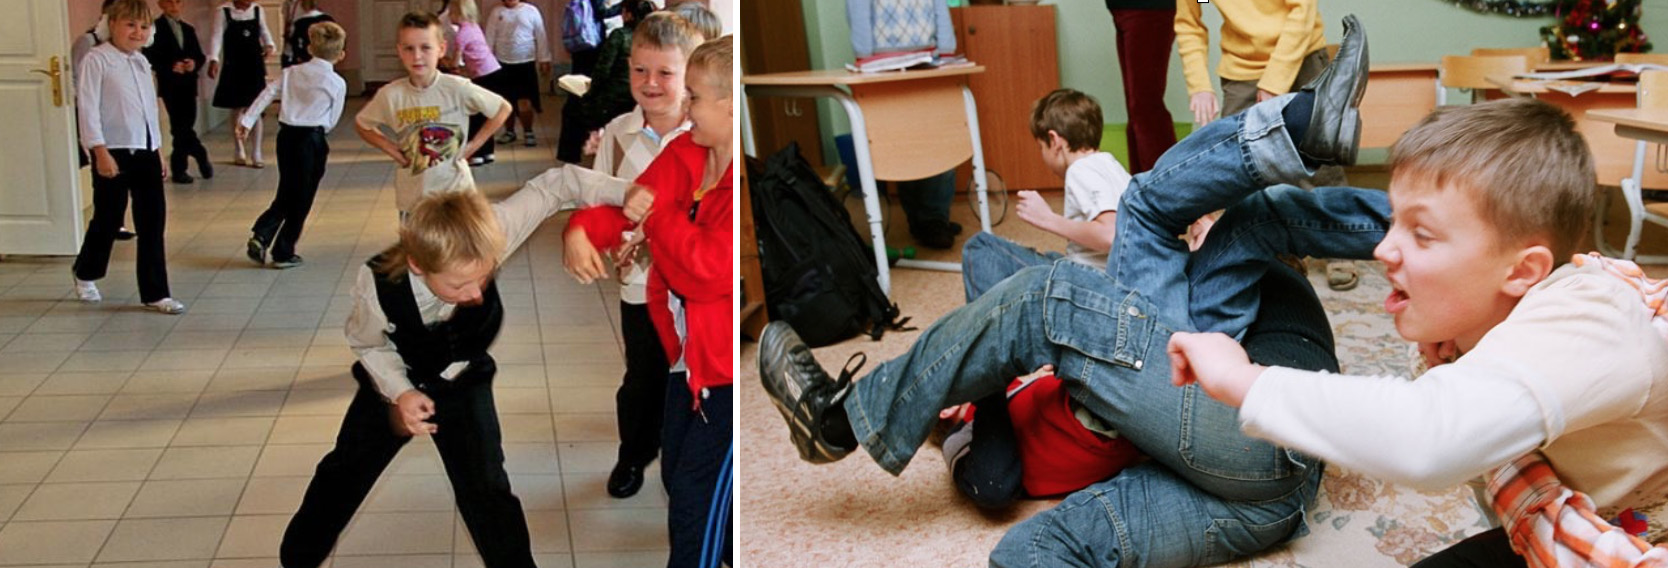 драки в нчальной школе